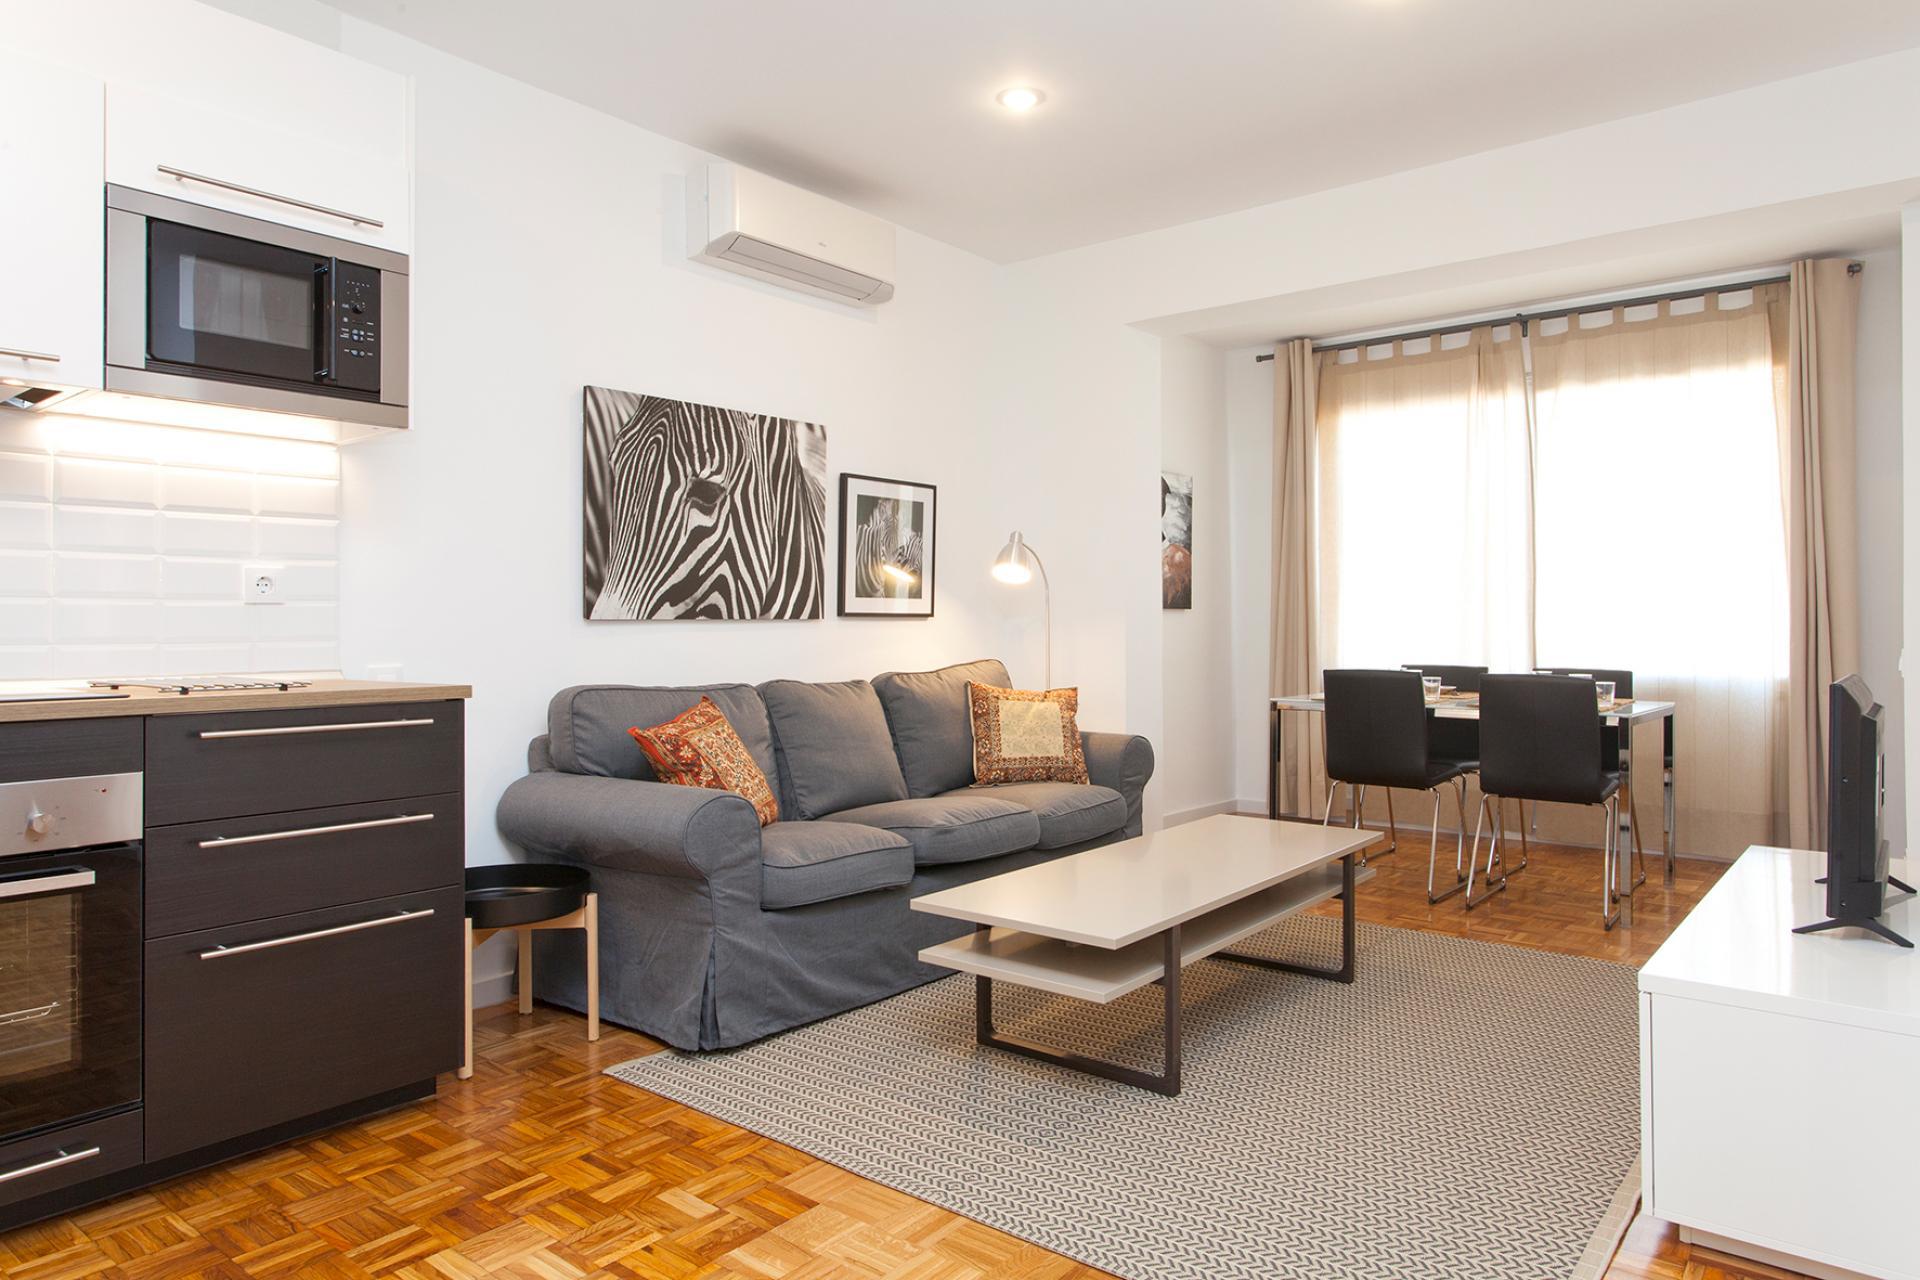 Apartamento para Alugar em Barcelona Ronda De Sant Pere - Plaza Cataluña